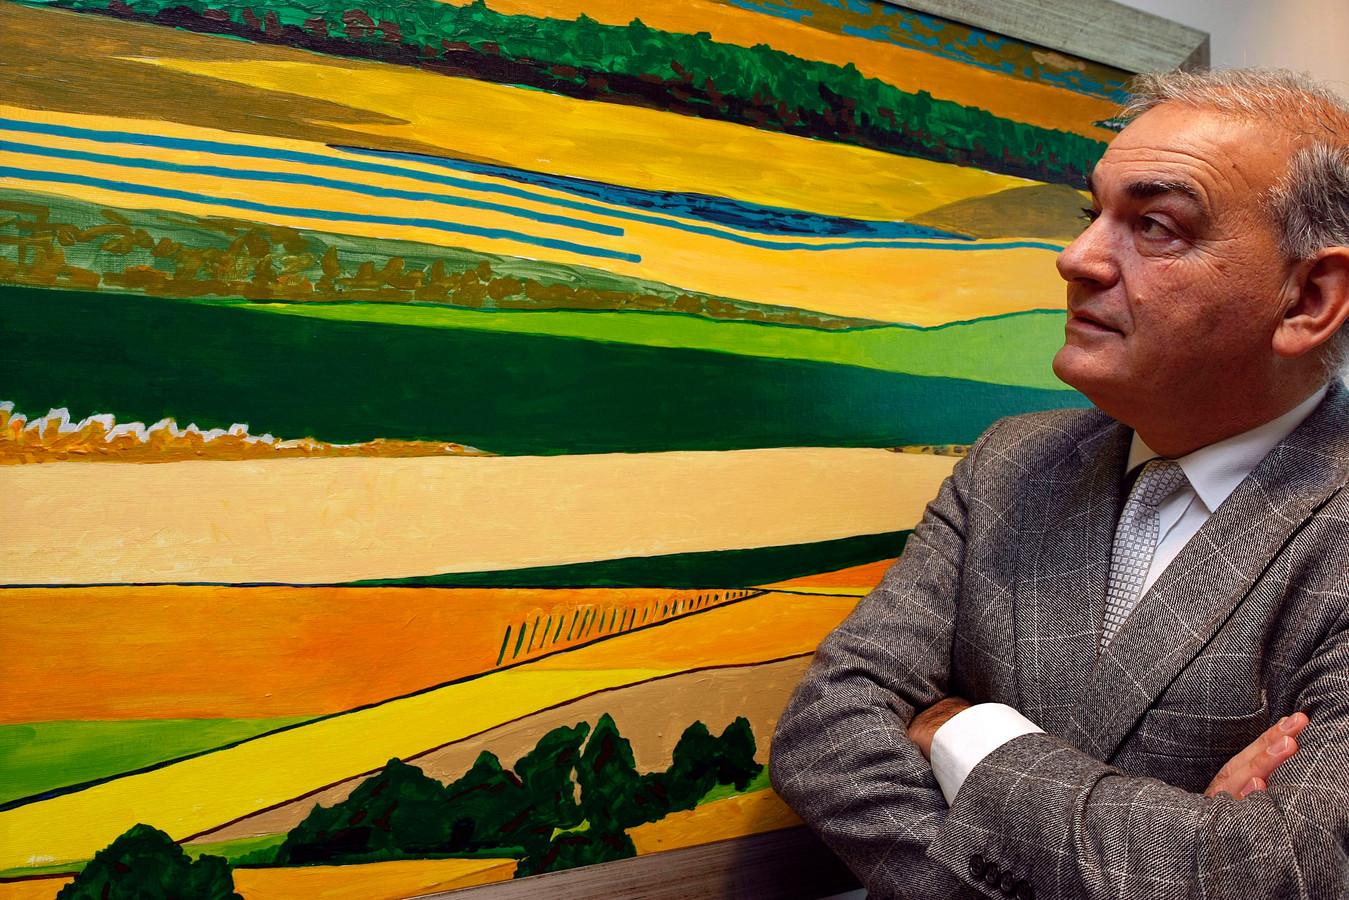 In de Dalfser werkkamer van burgemeester Leo Elfers hangen in 2008 drie eigen schilderijen met de titel 'Mallorca'. Eén van zijn dochters woont op Mallorca.